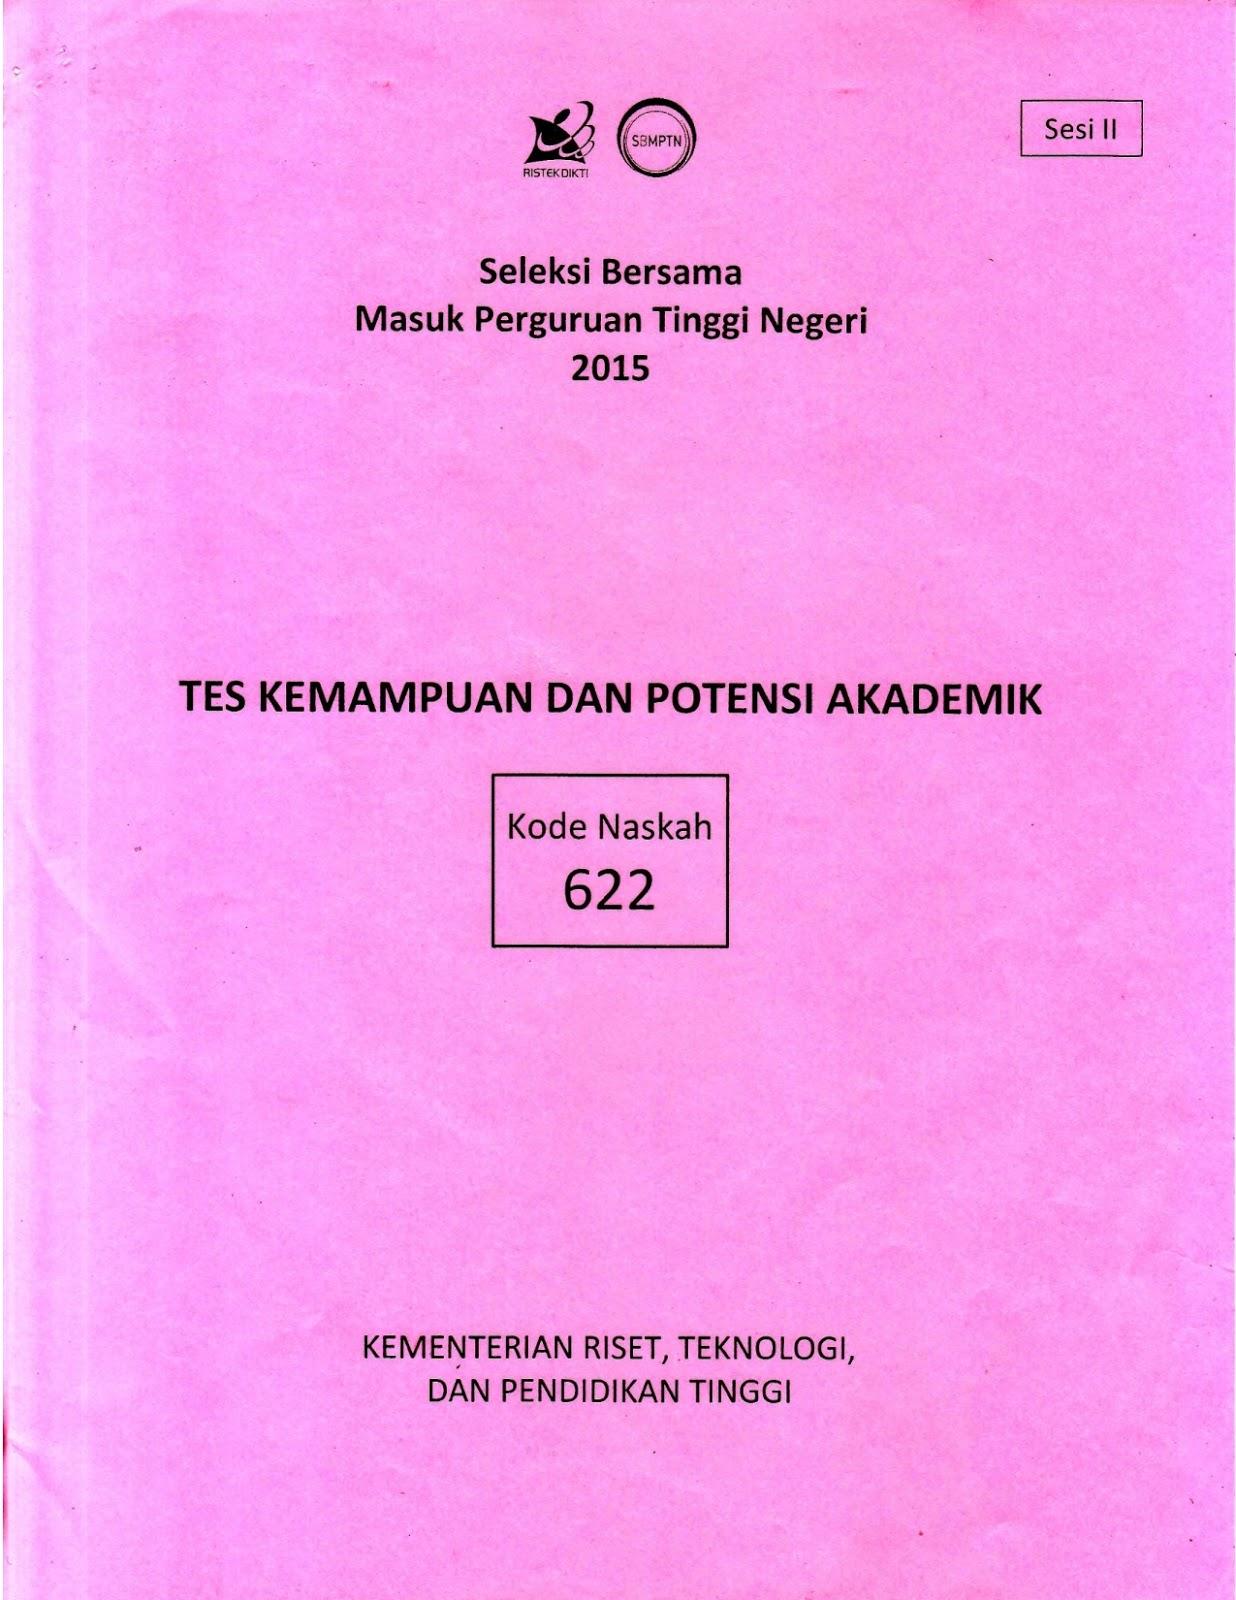 Berbagi Dan Belajar Naskah Soal Sbmptn 2015 Tes Kemampuan Dan Potensi Akademik Tkpa Kode Soal 622